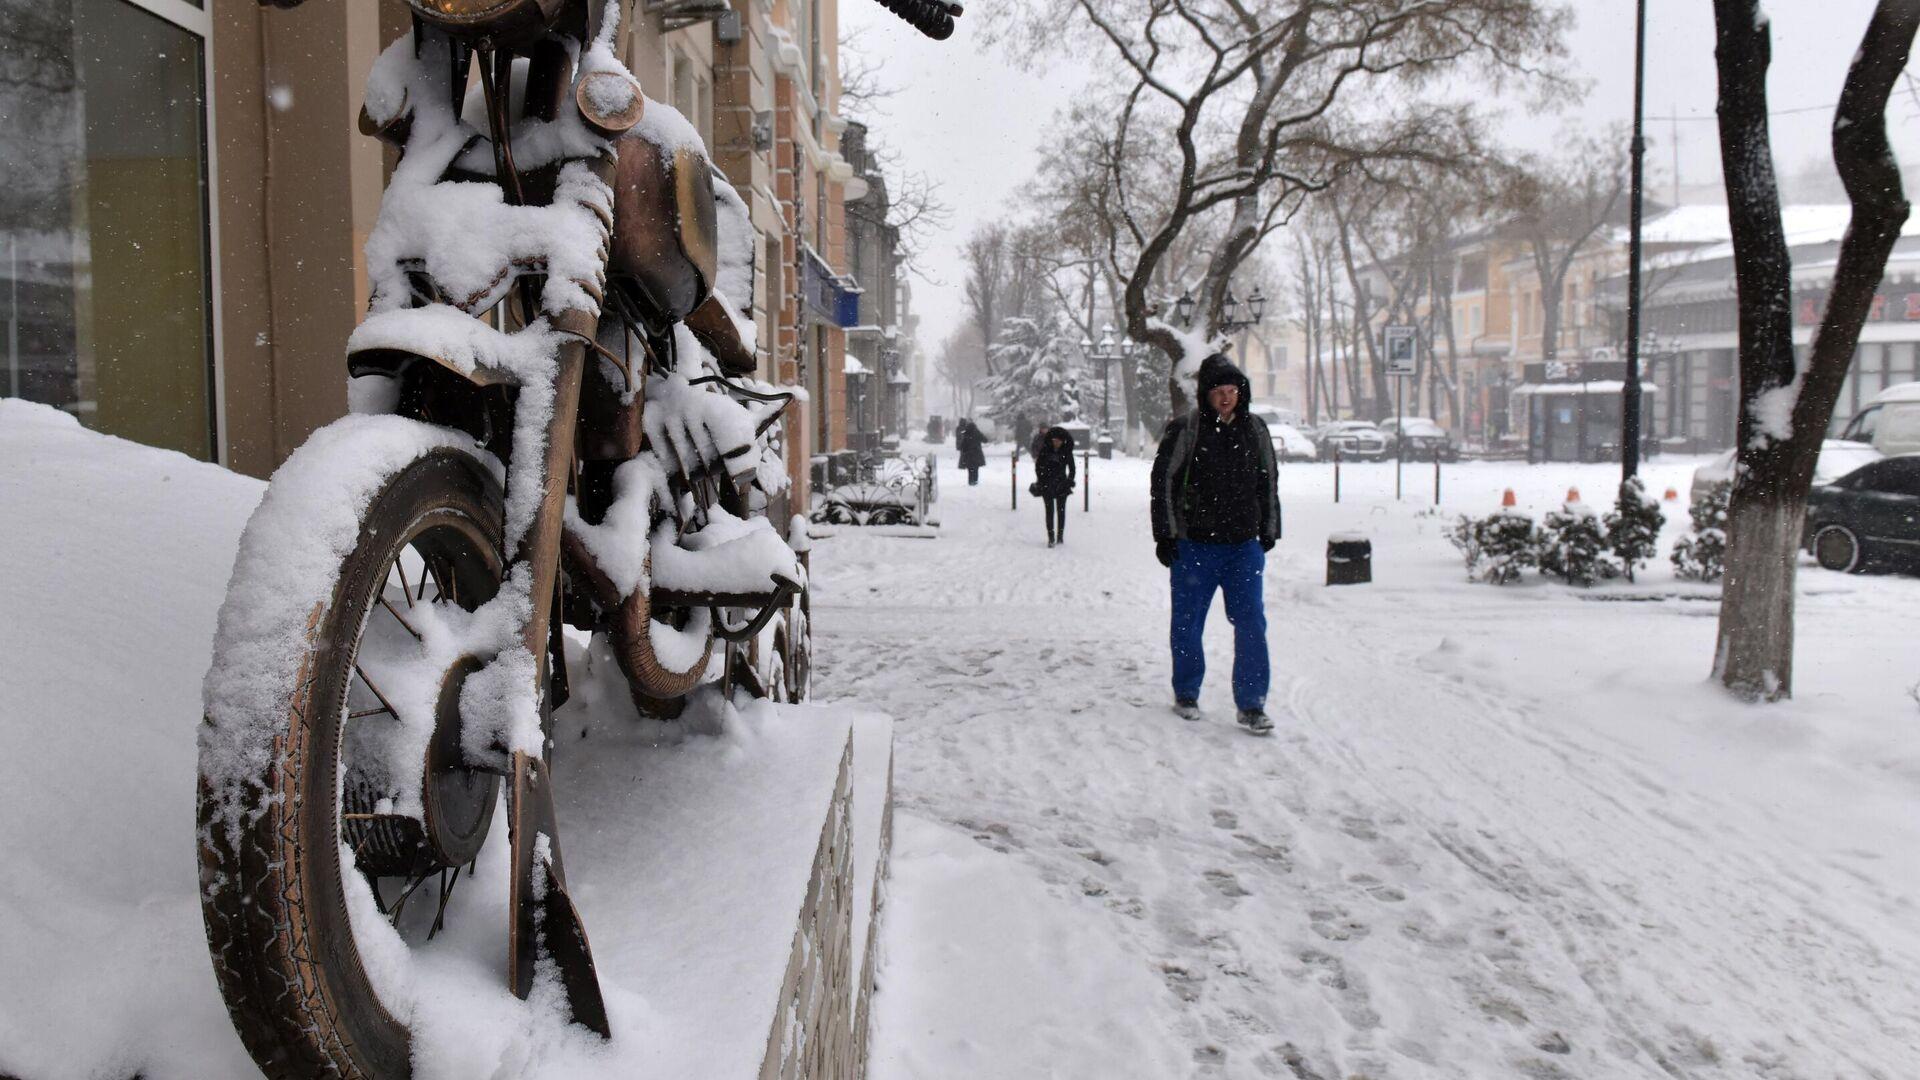 Прохожие на одной из улиц в Симферополе - РИА Новости, 1920, 19.01.2021